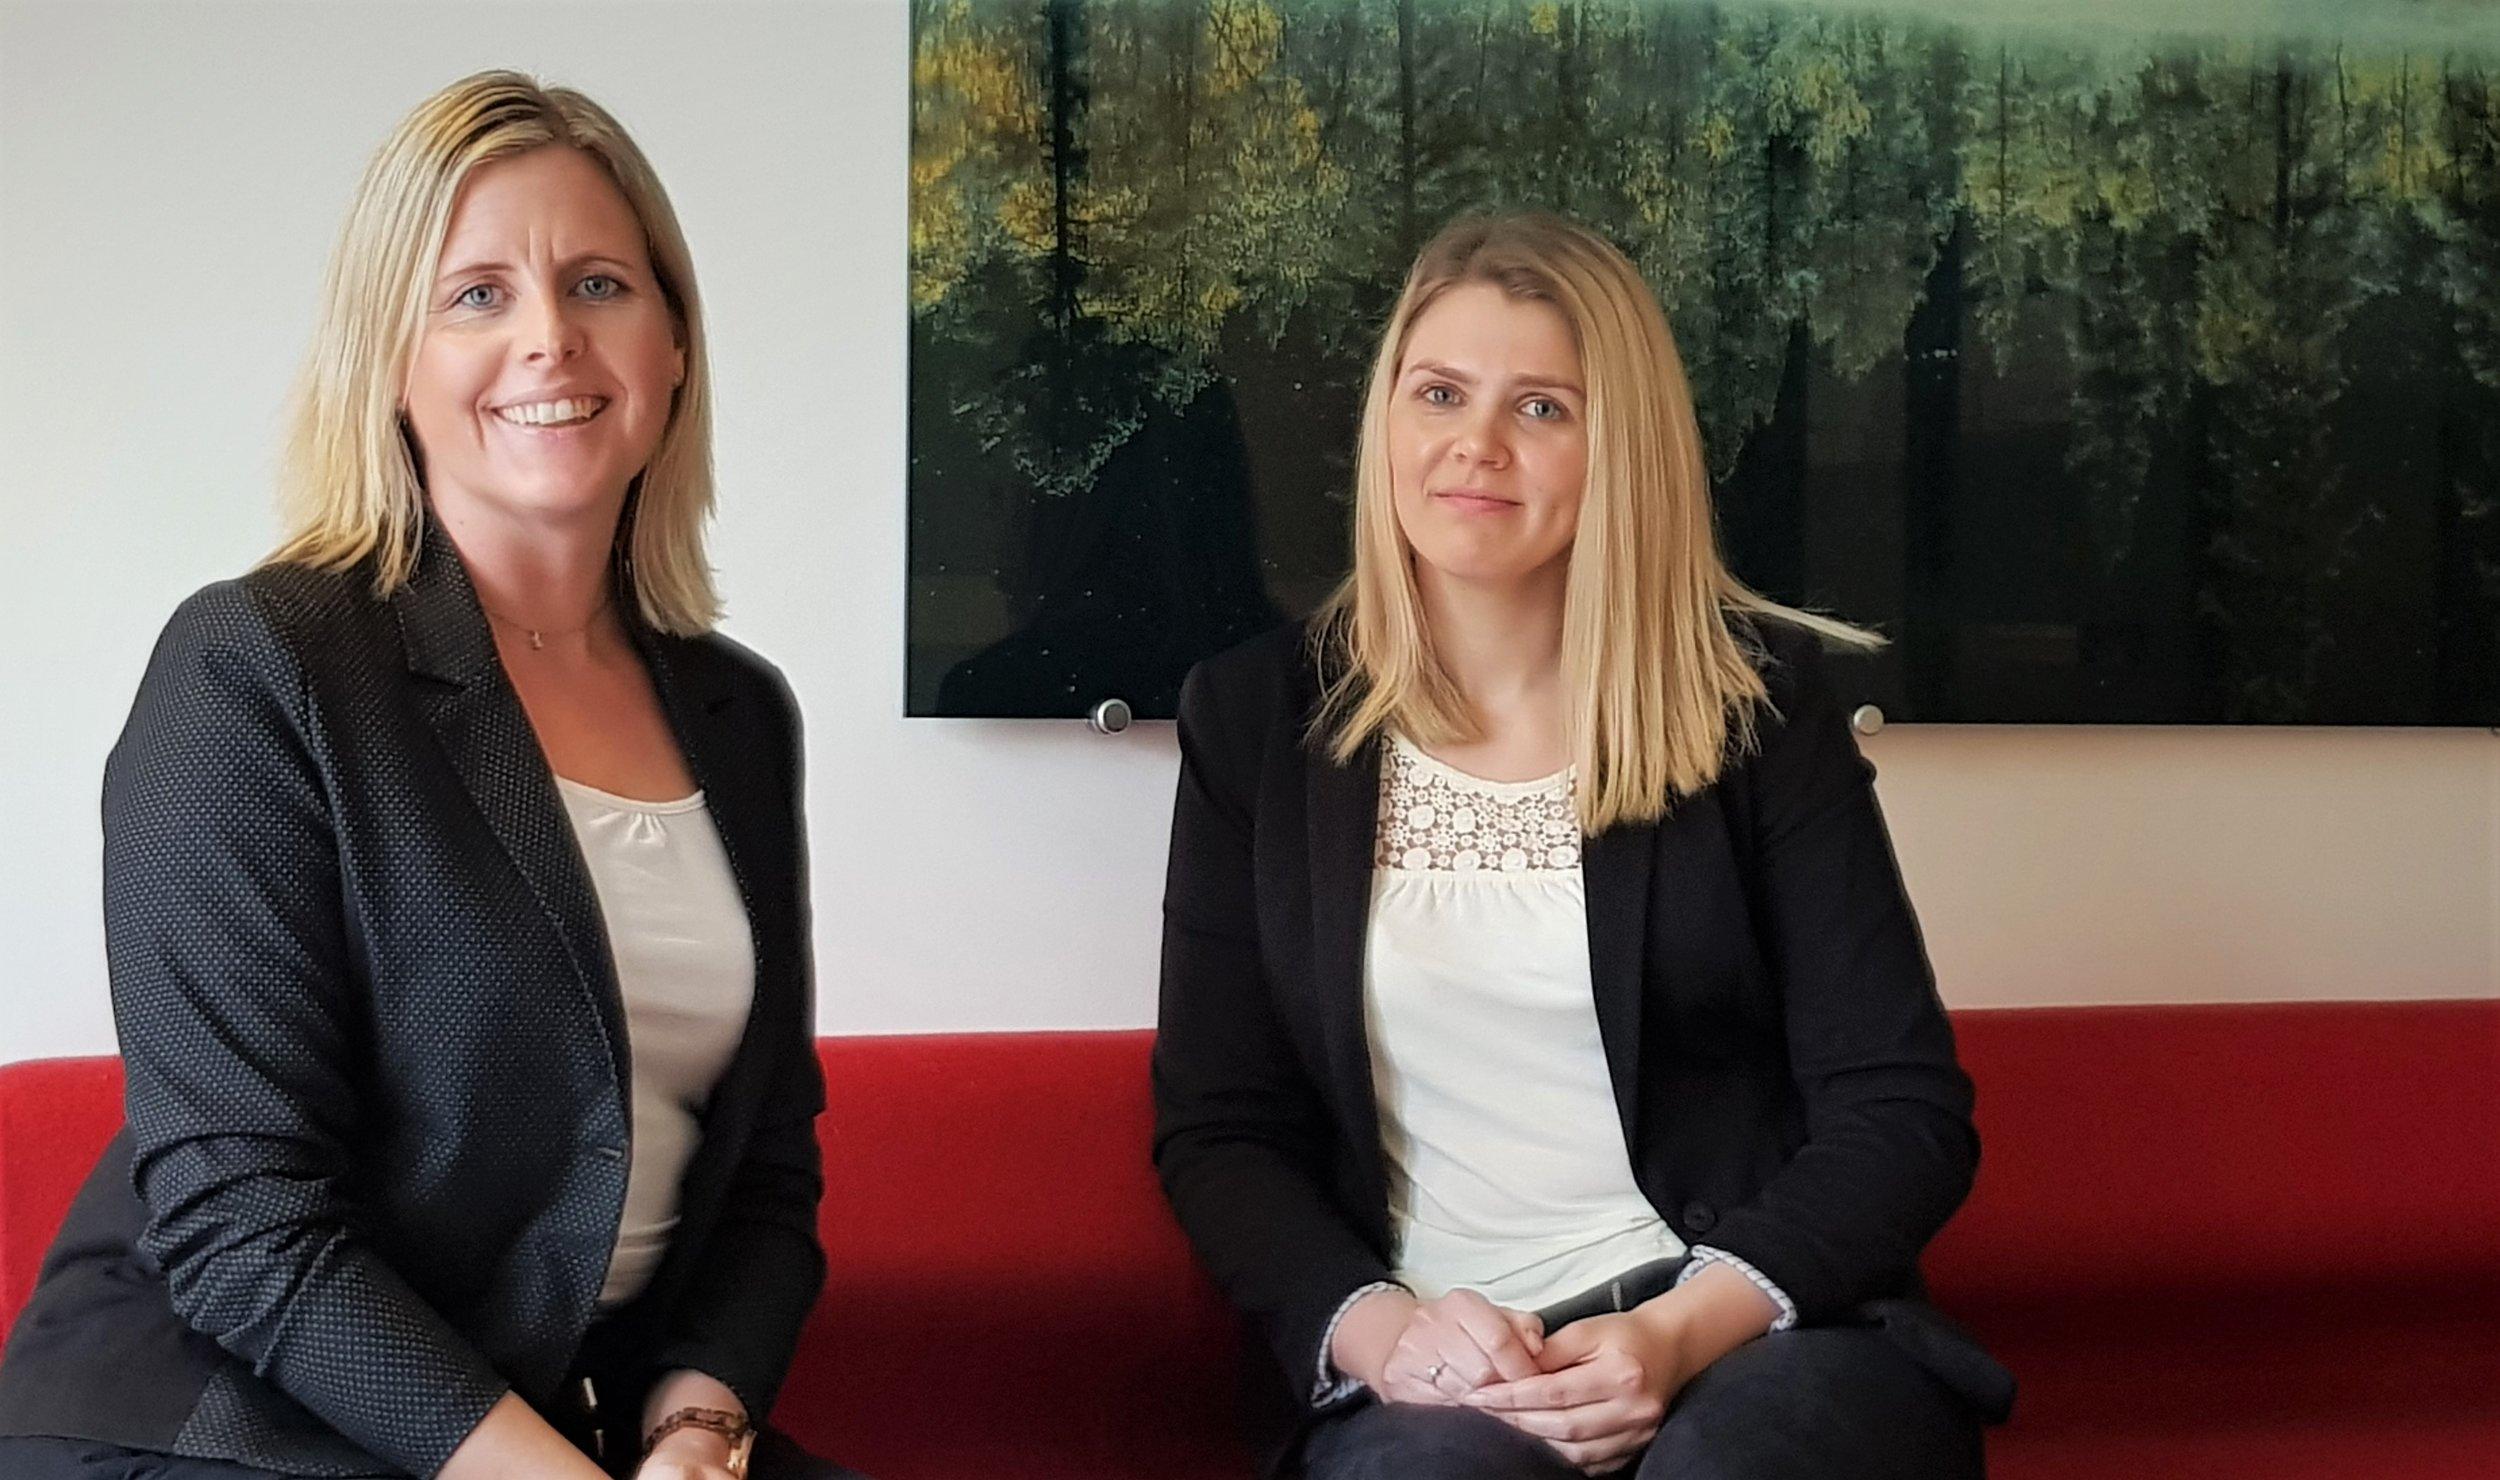 Vil du bli vår nye kollega? - Malin og Jill Stine er klar for å ønske nye folk velkommen i Hagel.